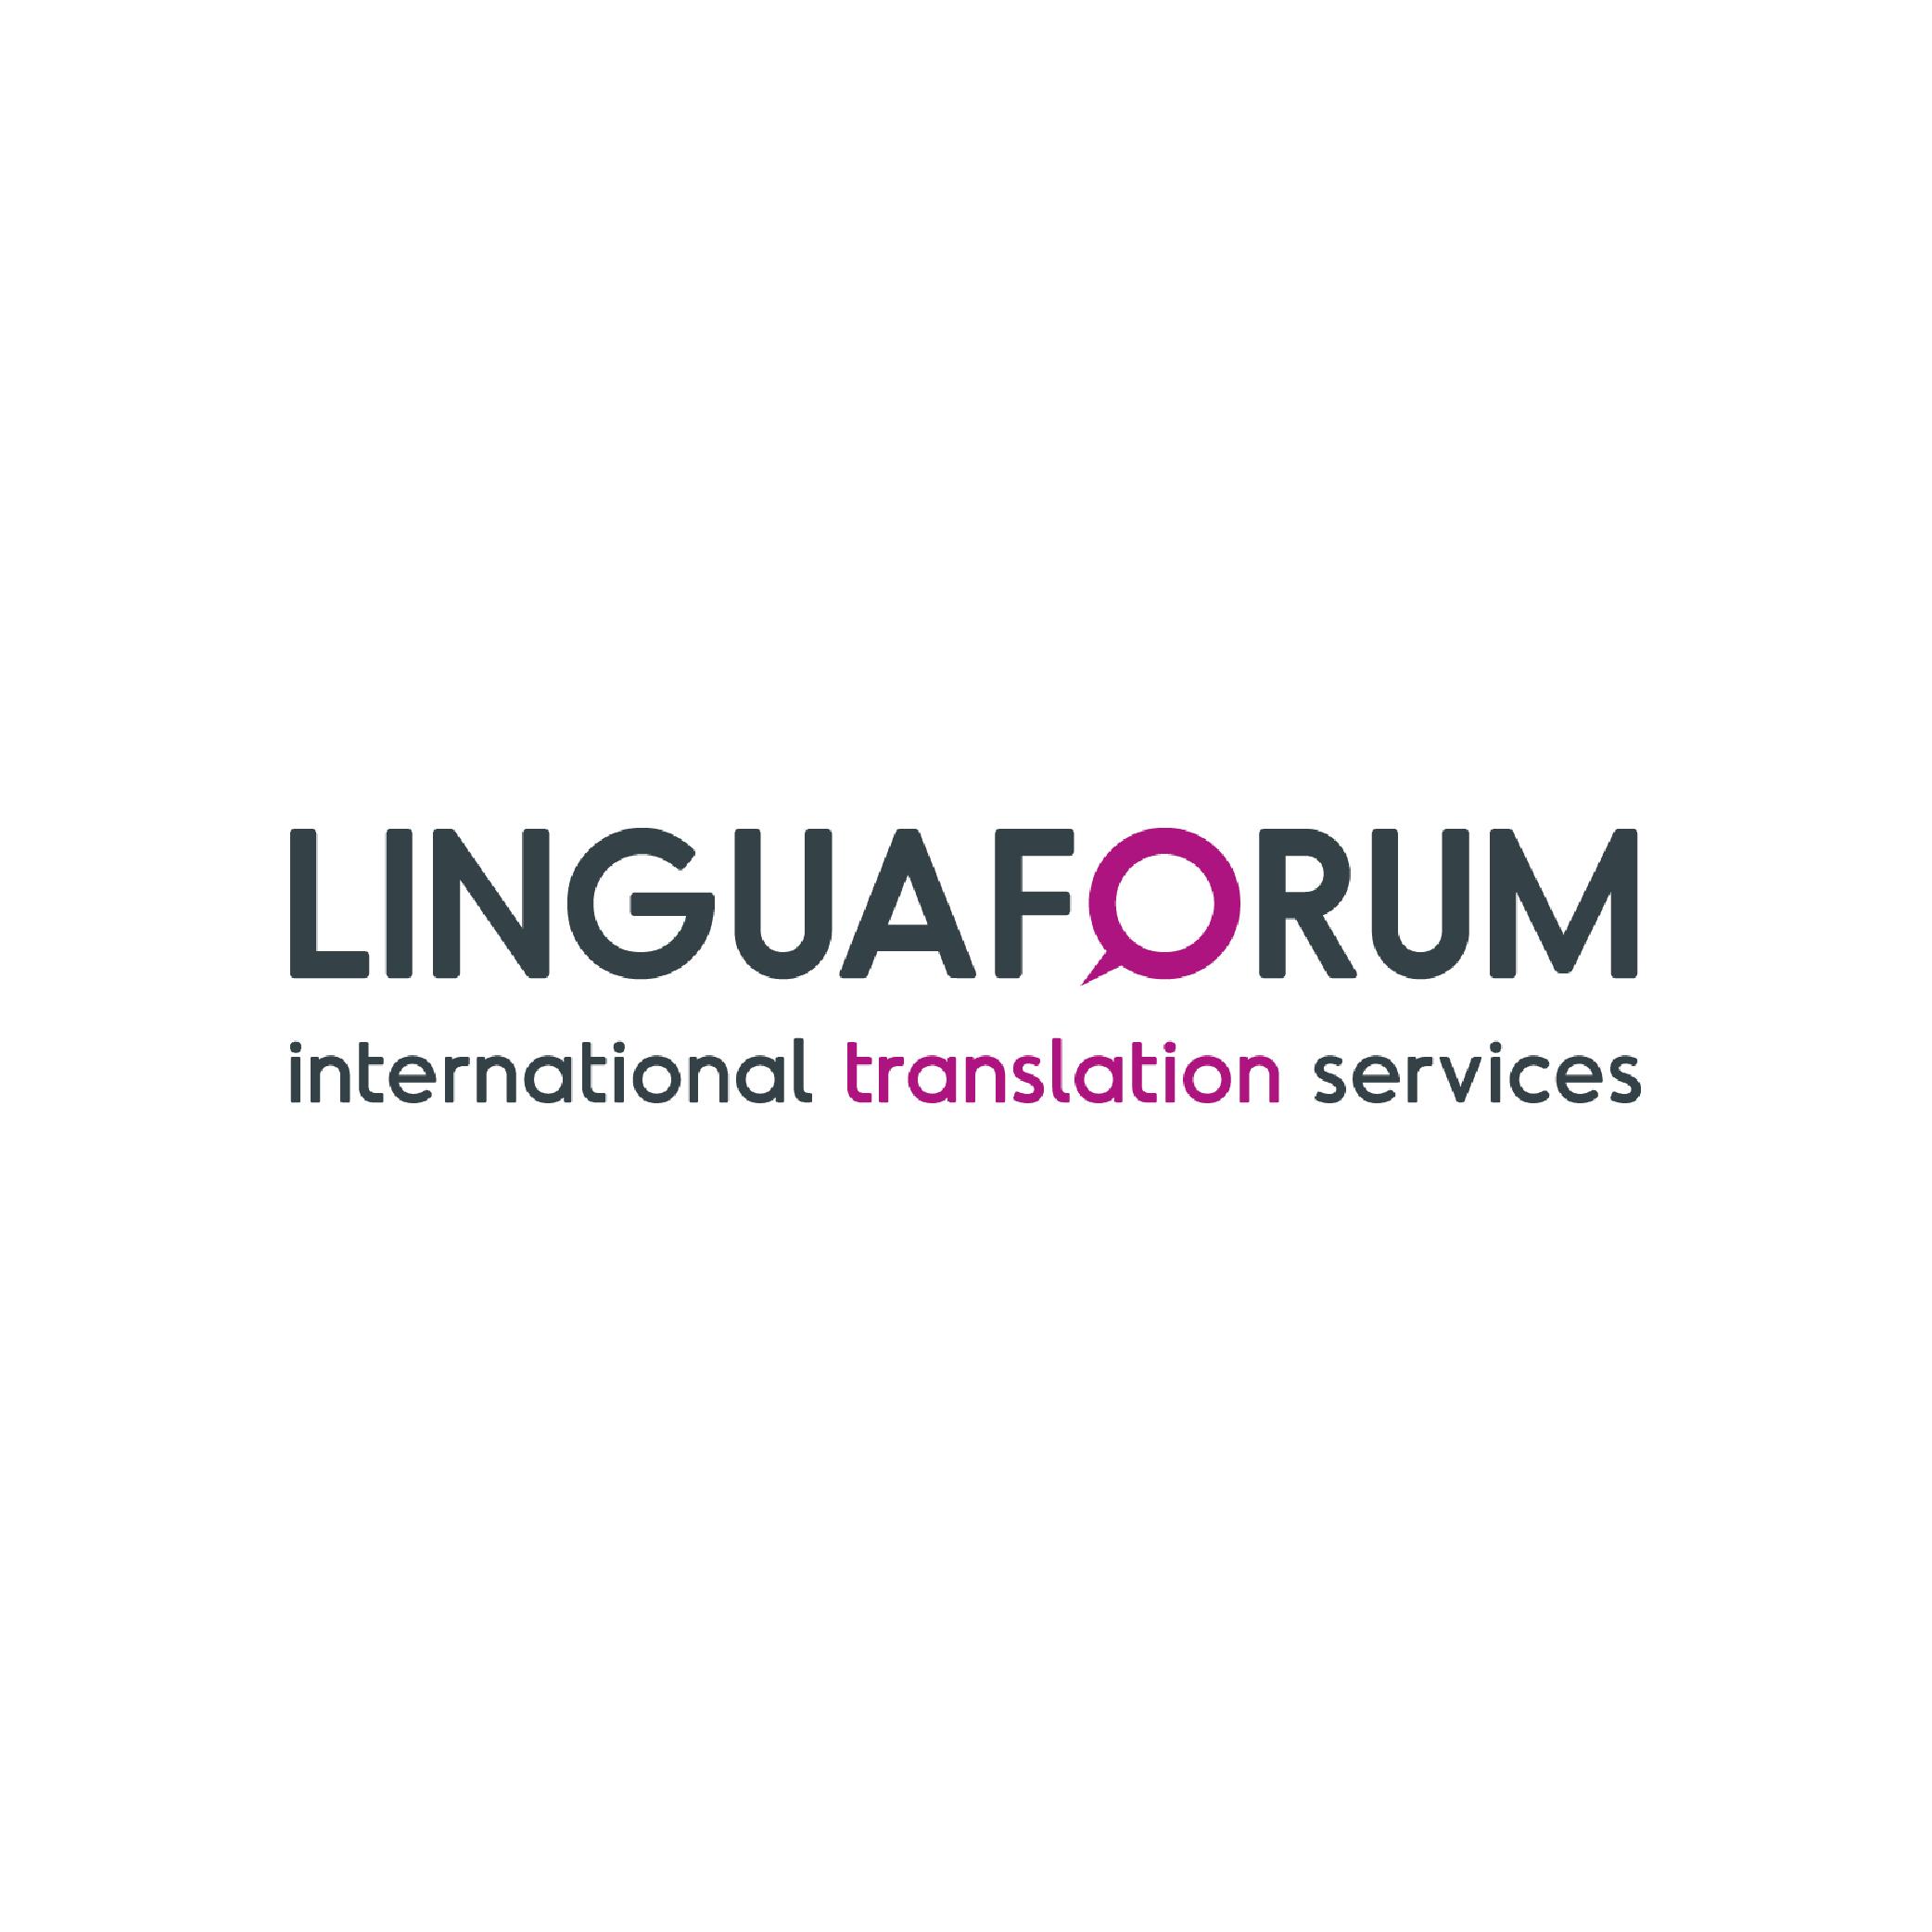 Linguaforum